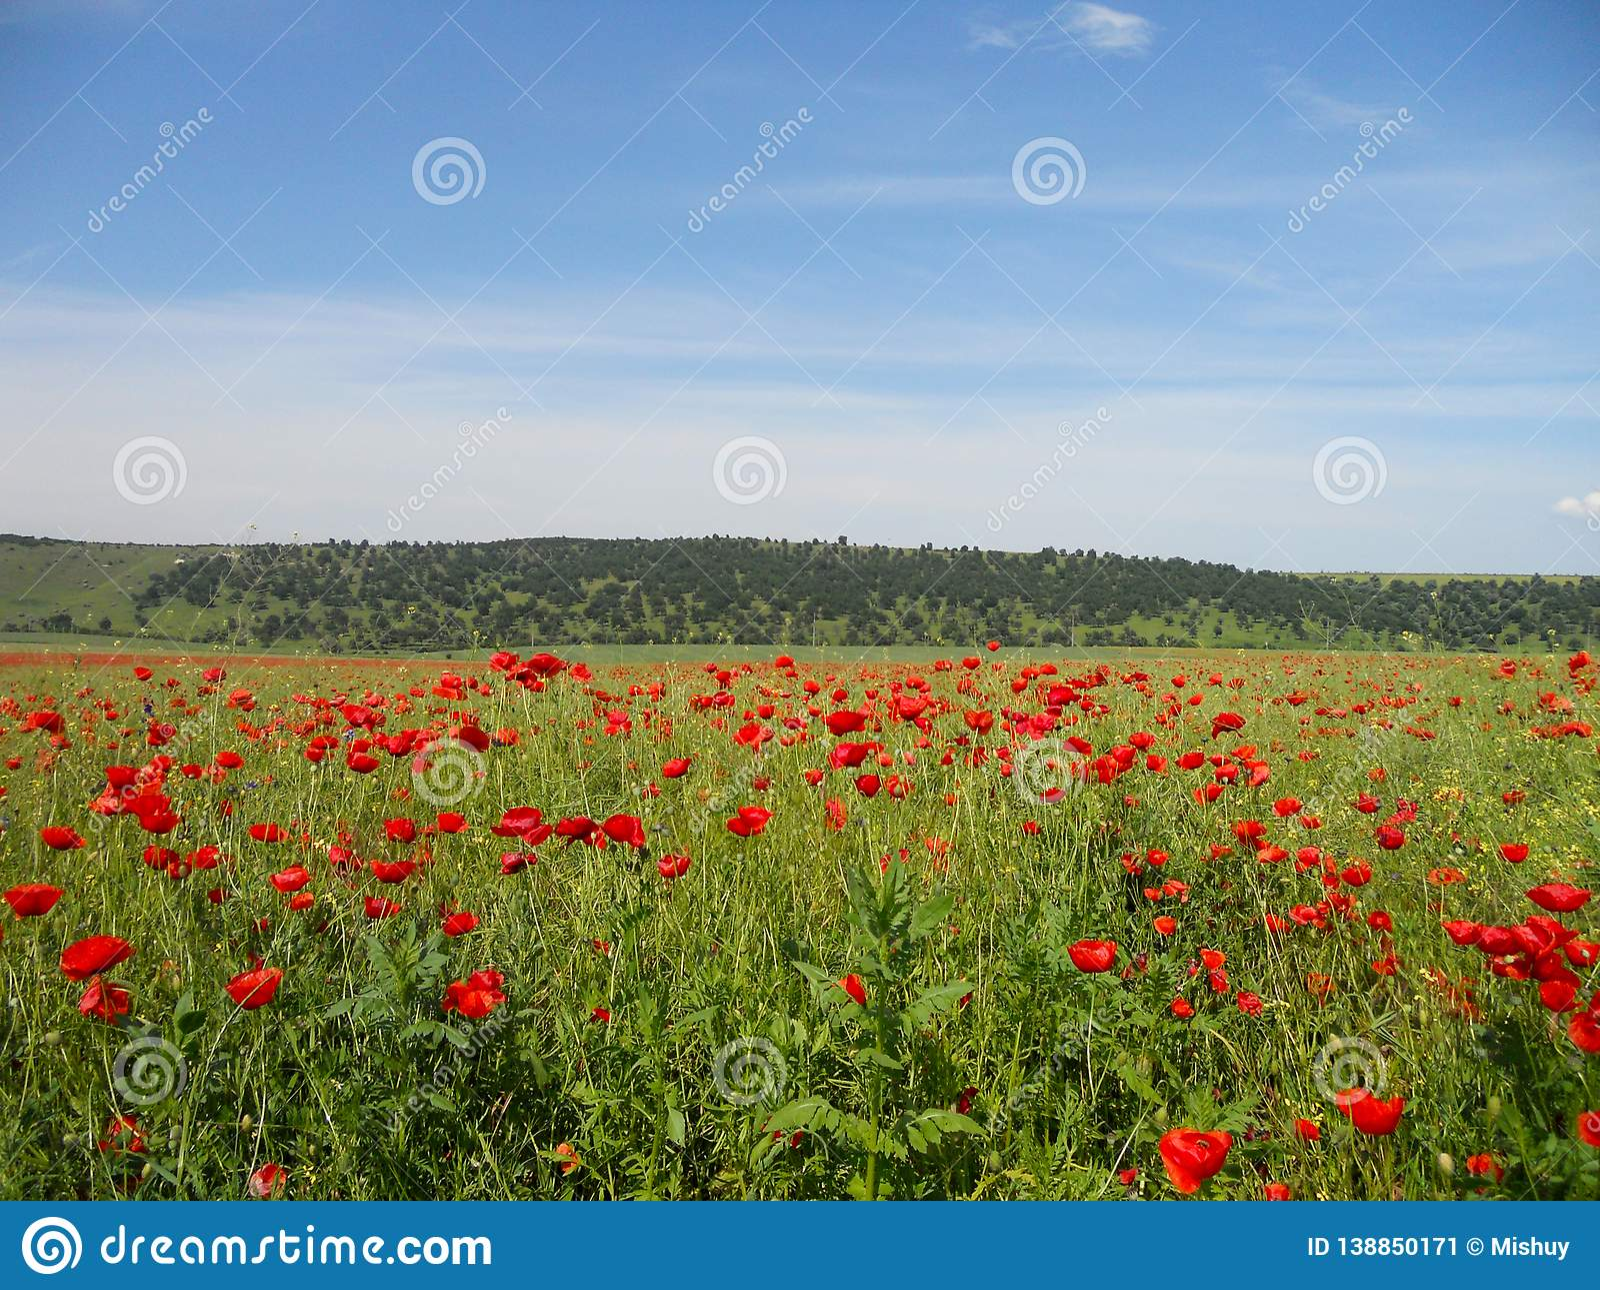 Poppy field, Summer landscape